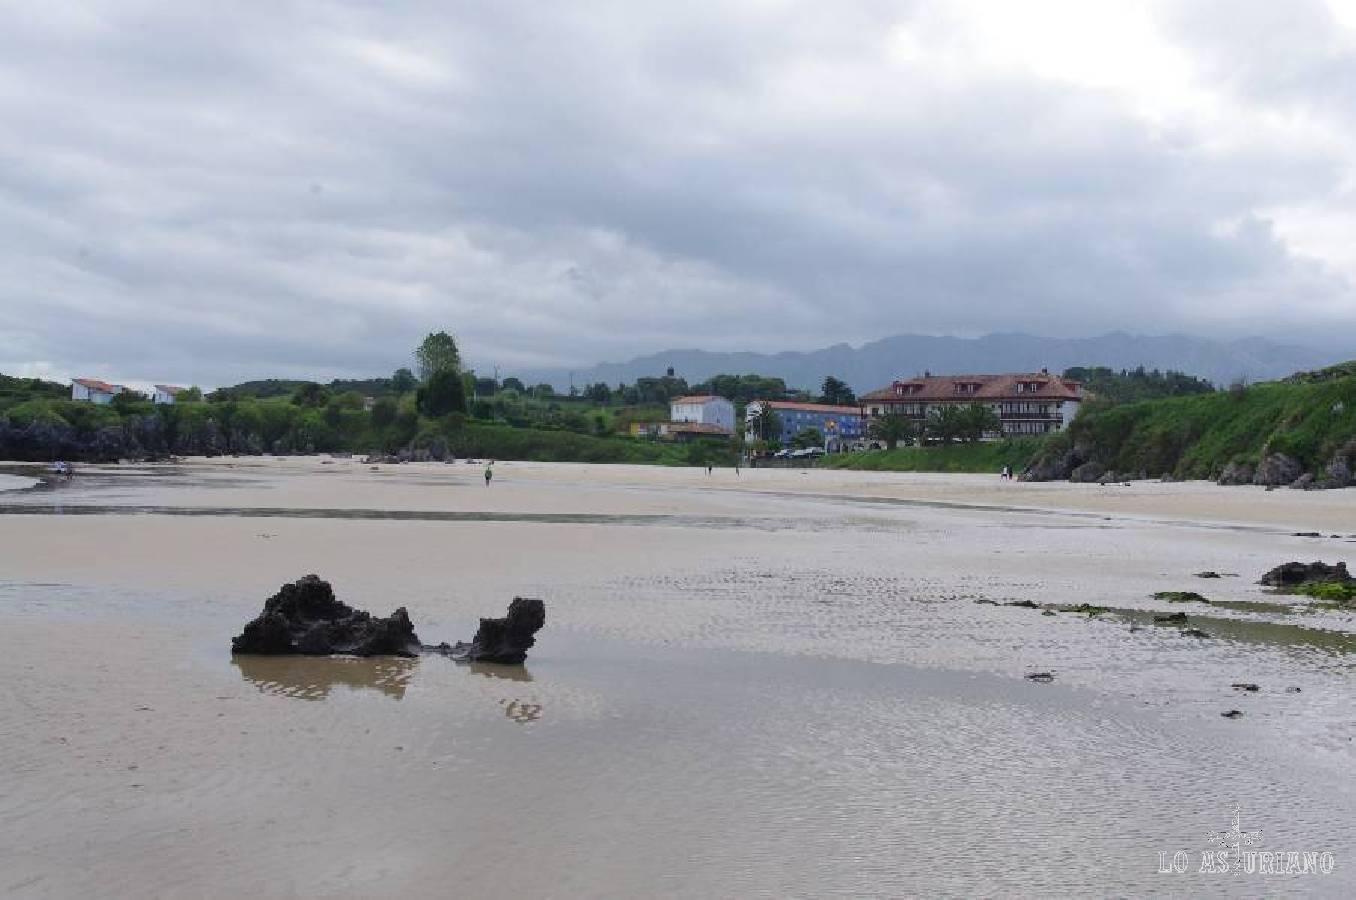 La preciosa playa de Barro, con el hotel Quintamar al fondo, y la sierra de Cuera al final de la imagen.